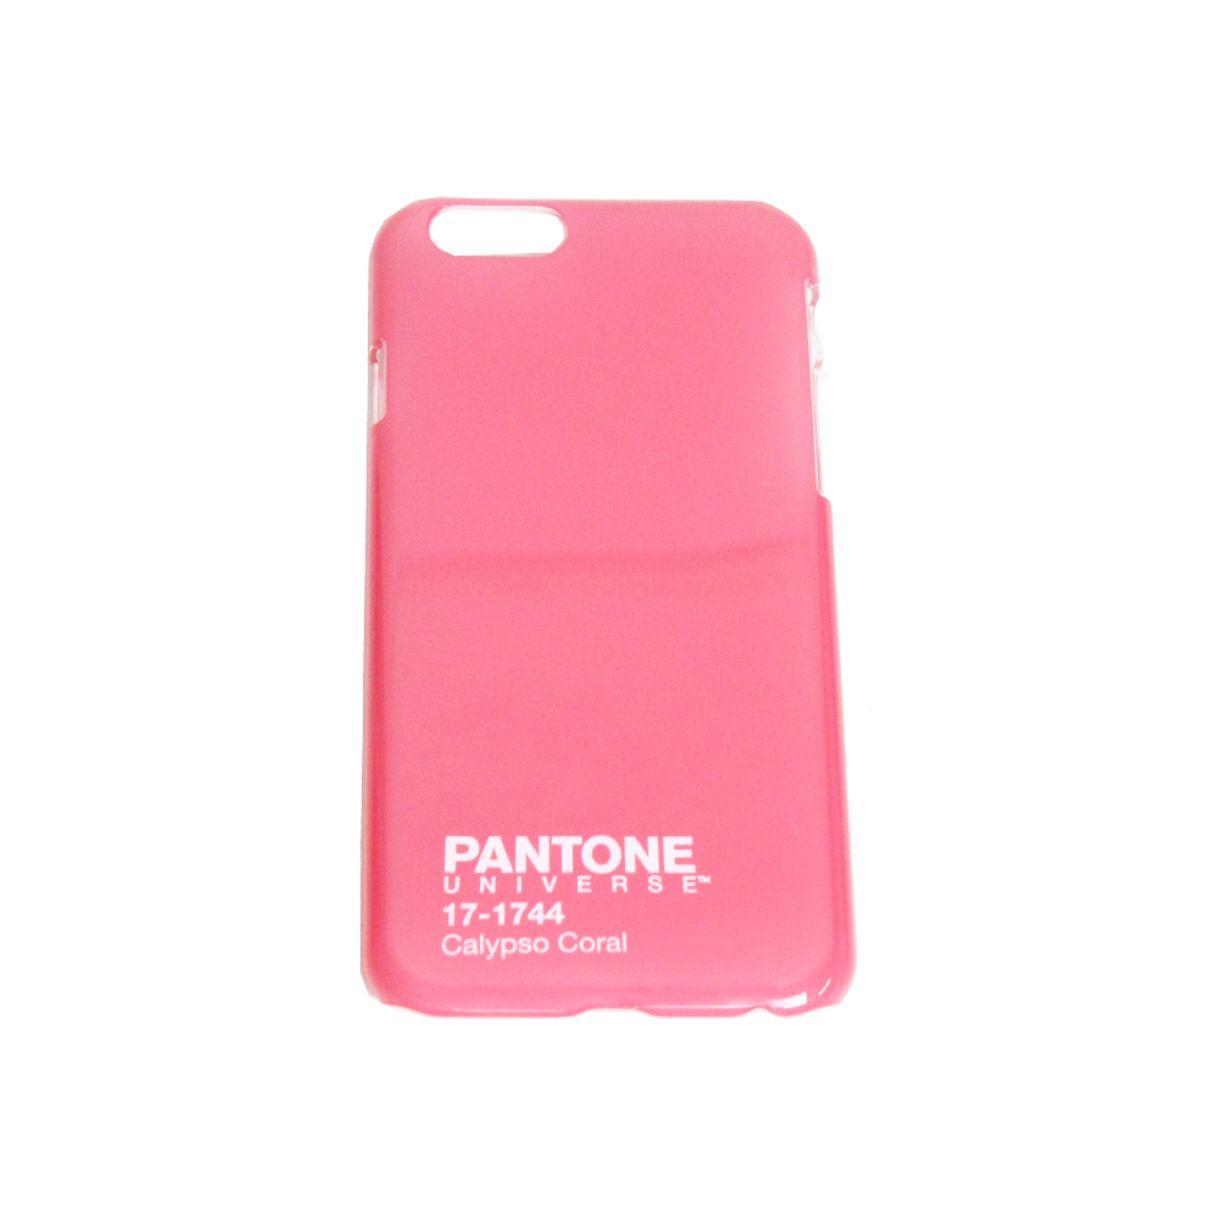 Capinha-Iphone-6-Pantone